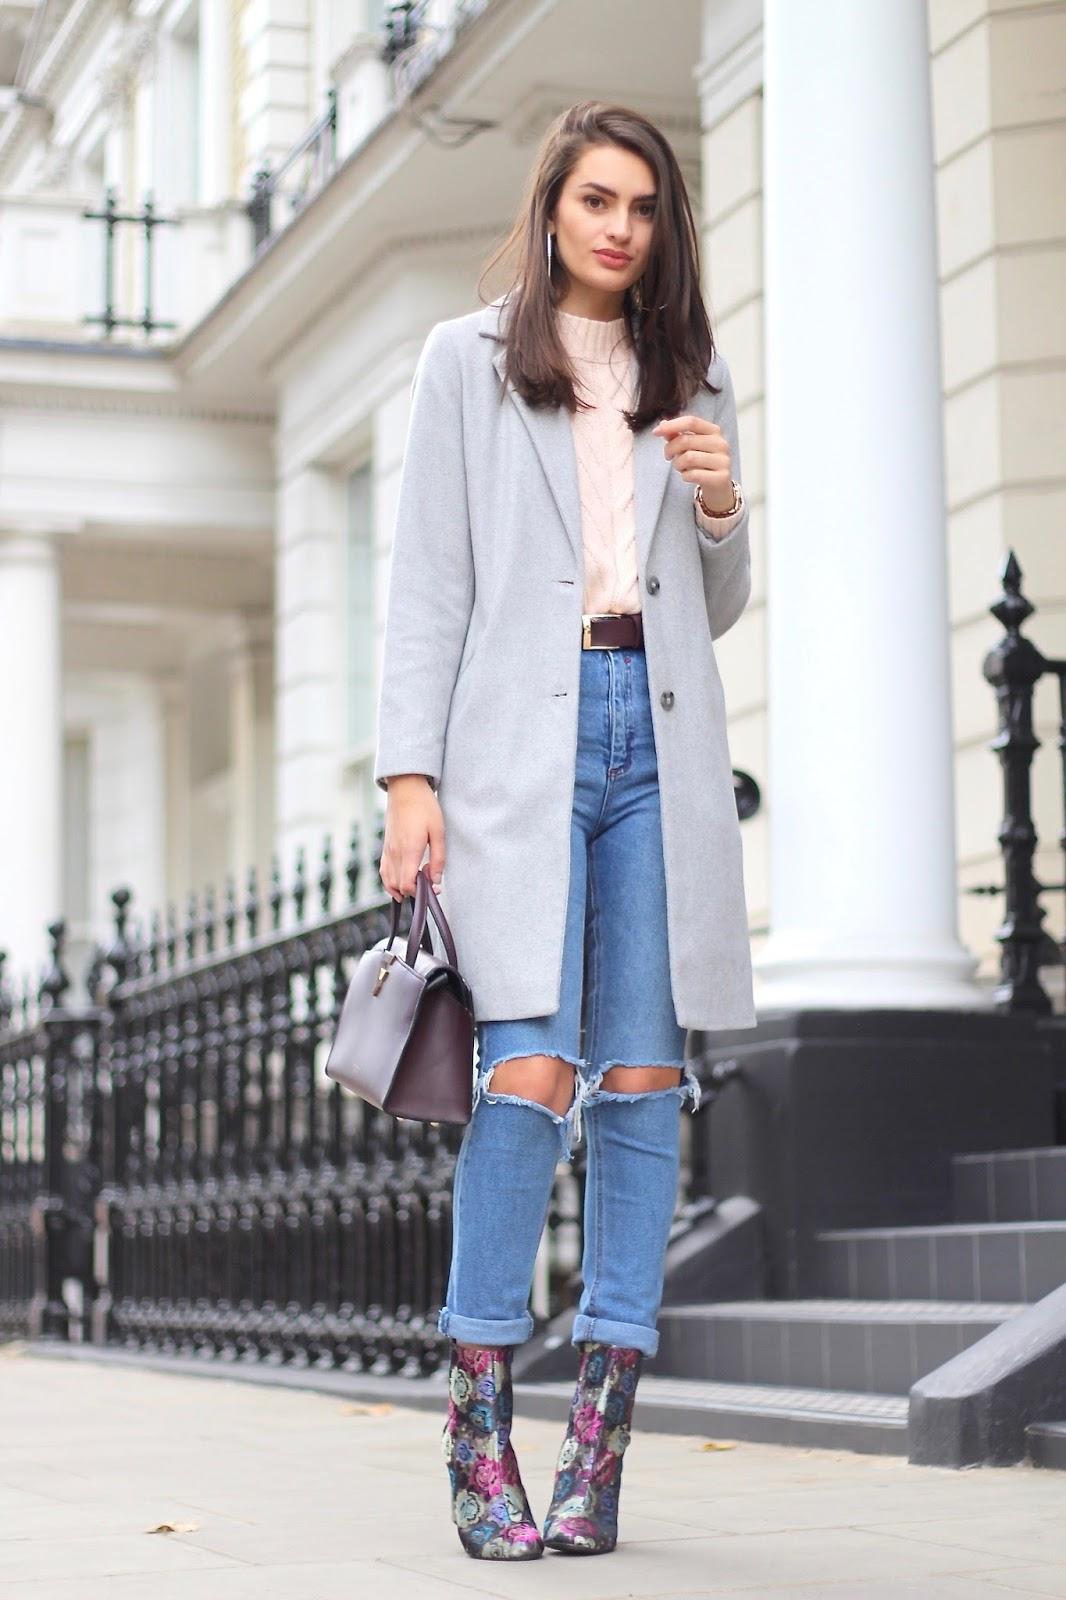 peexo style blogger autumn